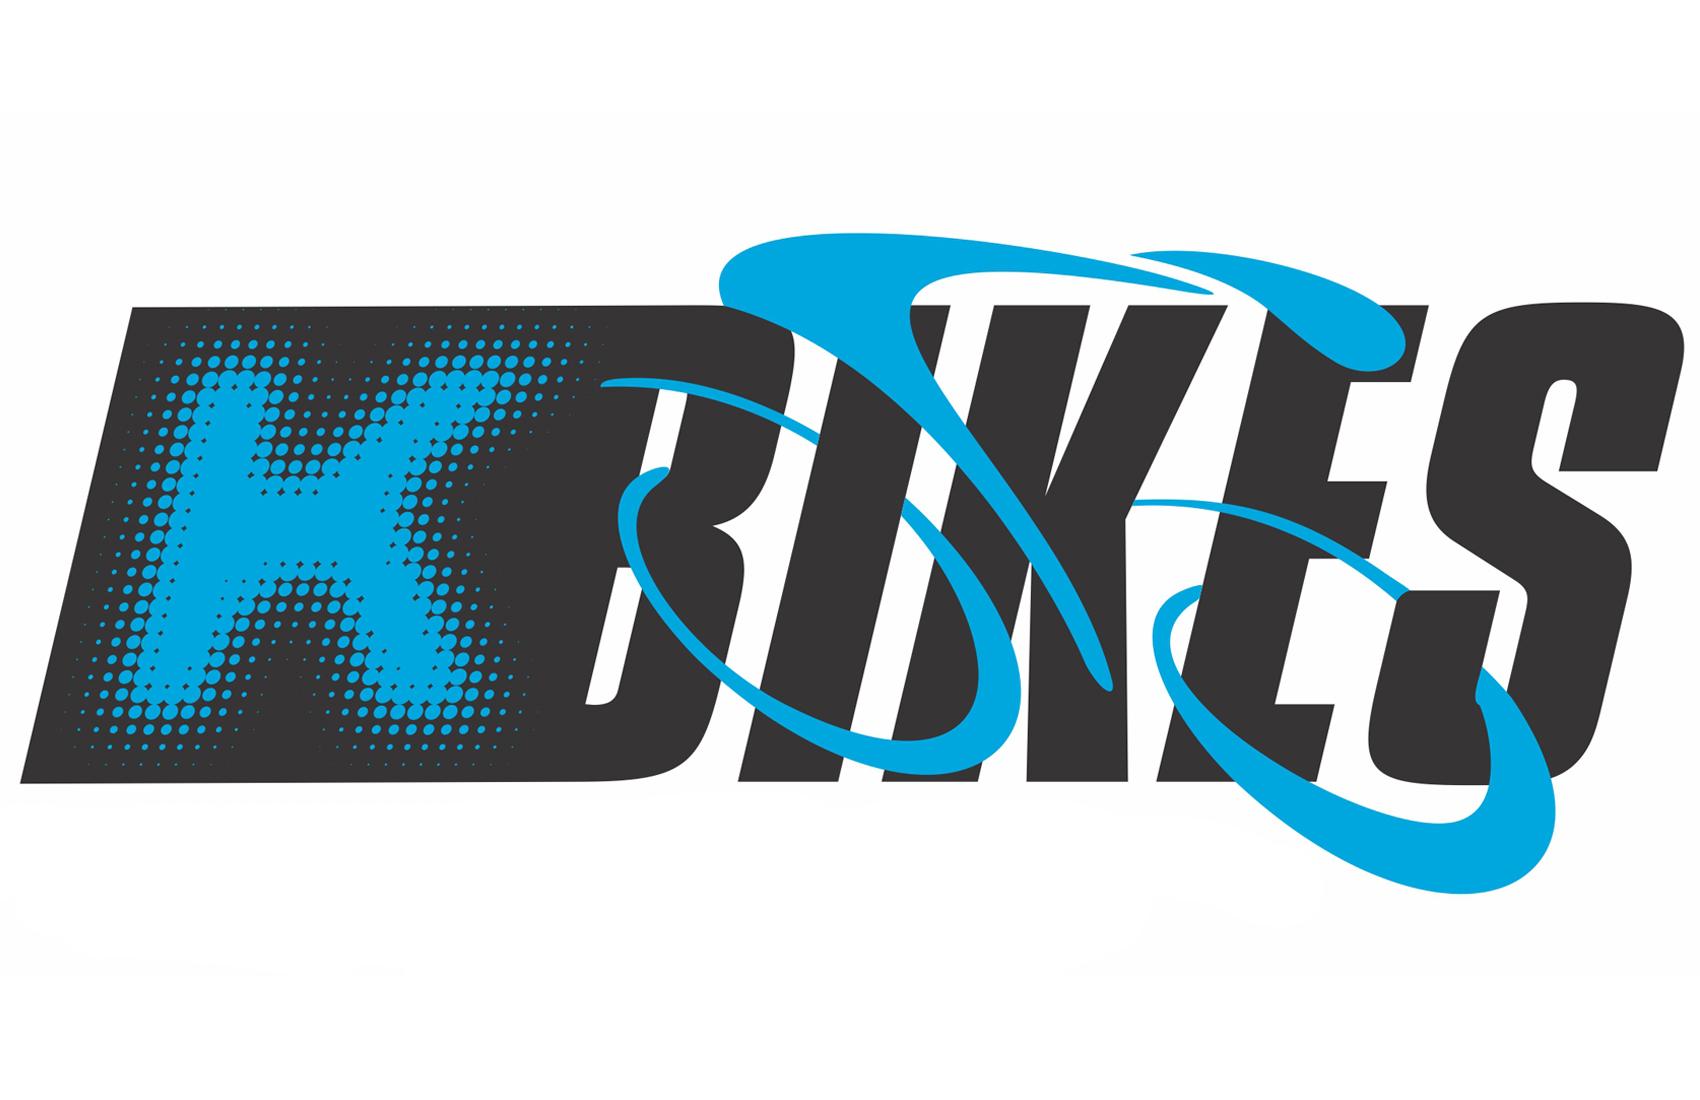 Fietsen Koen - K bike